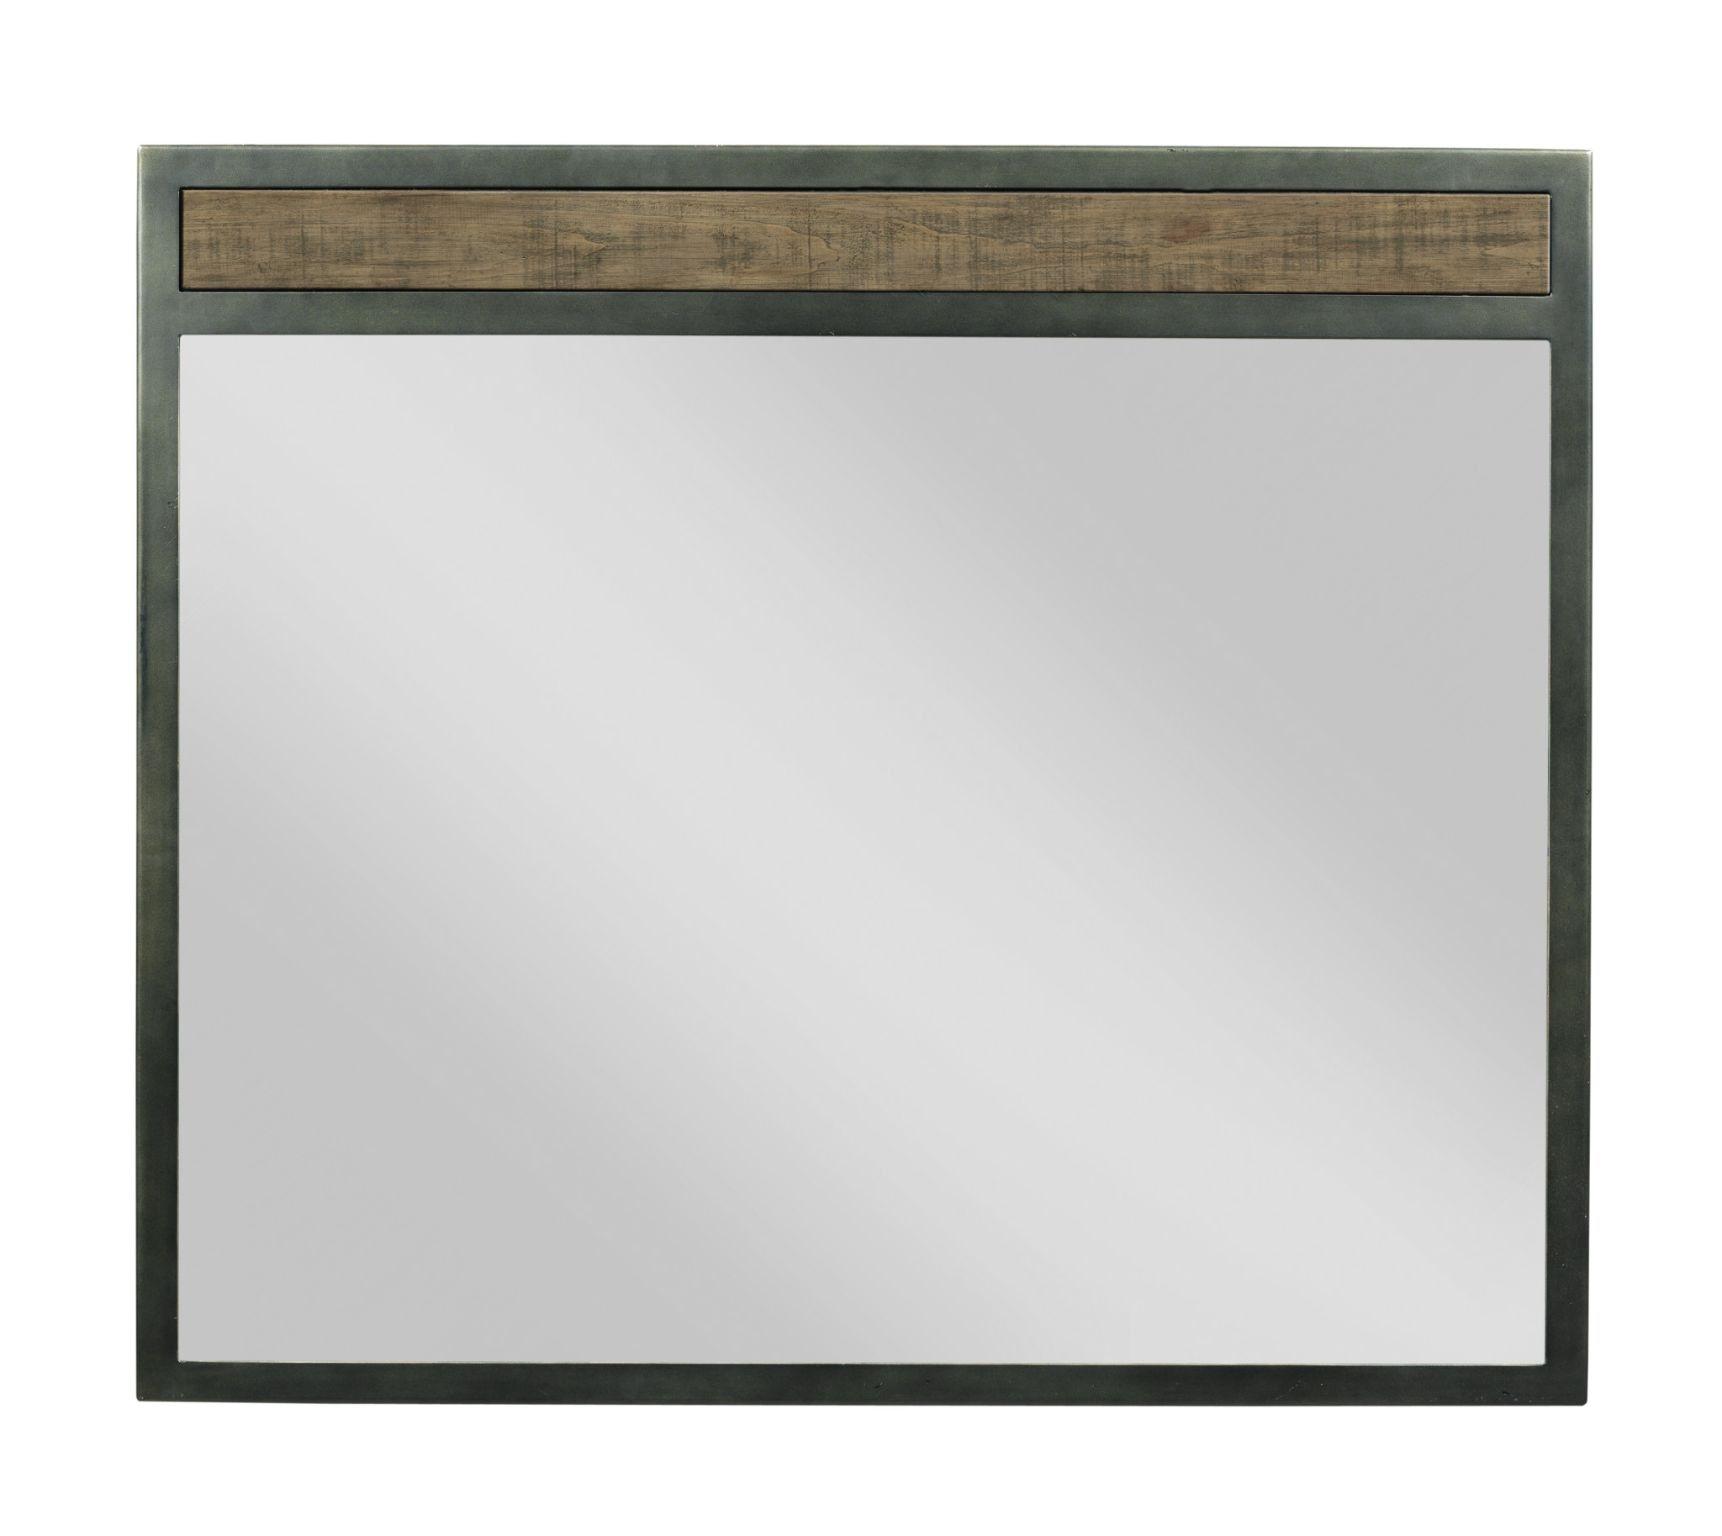 Kincaid Furniture Shelley Mirror 706 020S